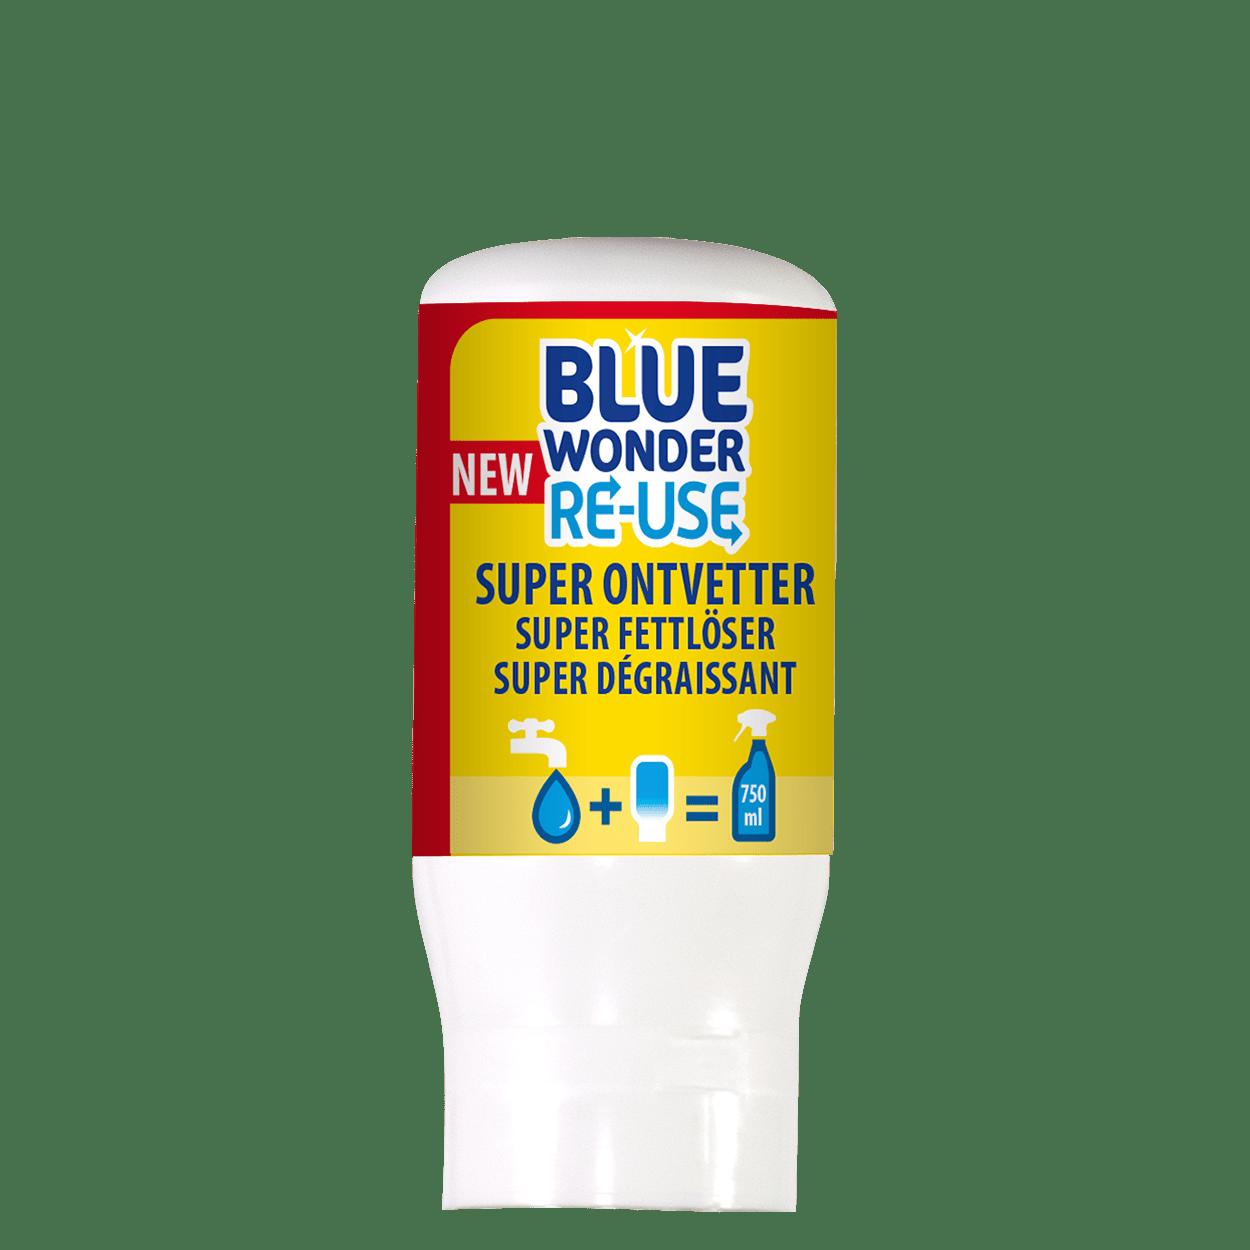 8712038001967 Blue Wonder Super-Ontvetter_refill capsule_102020